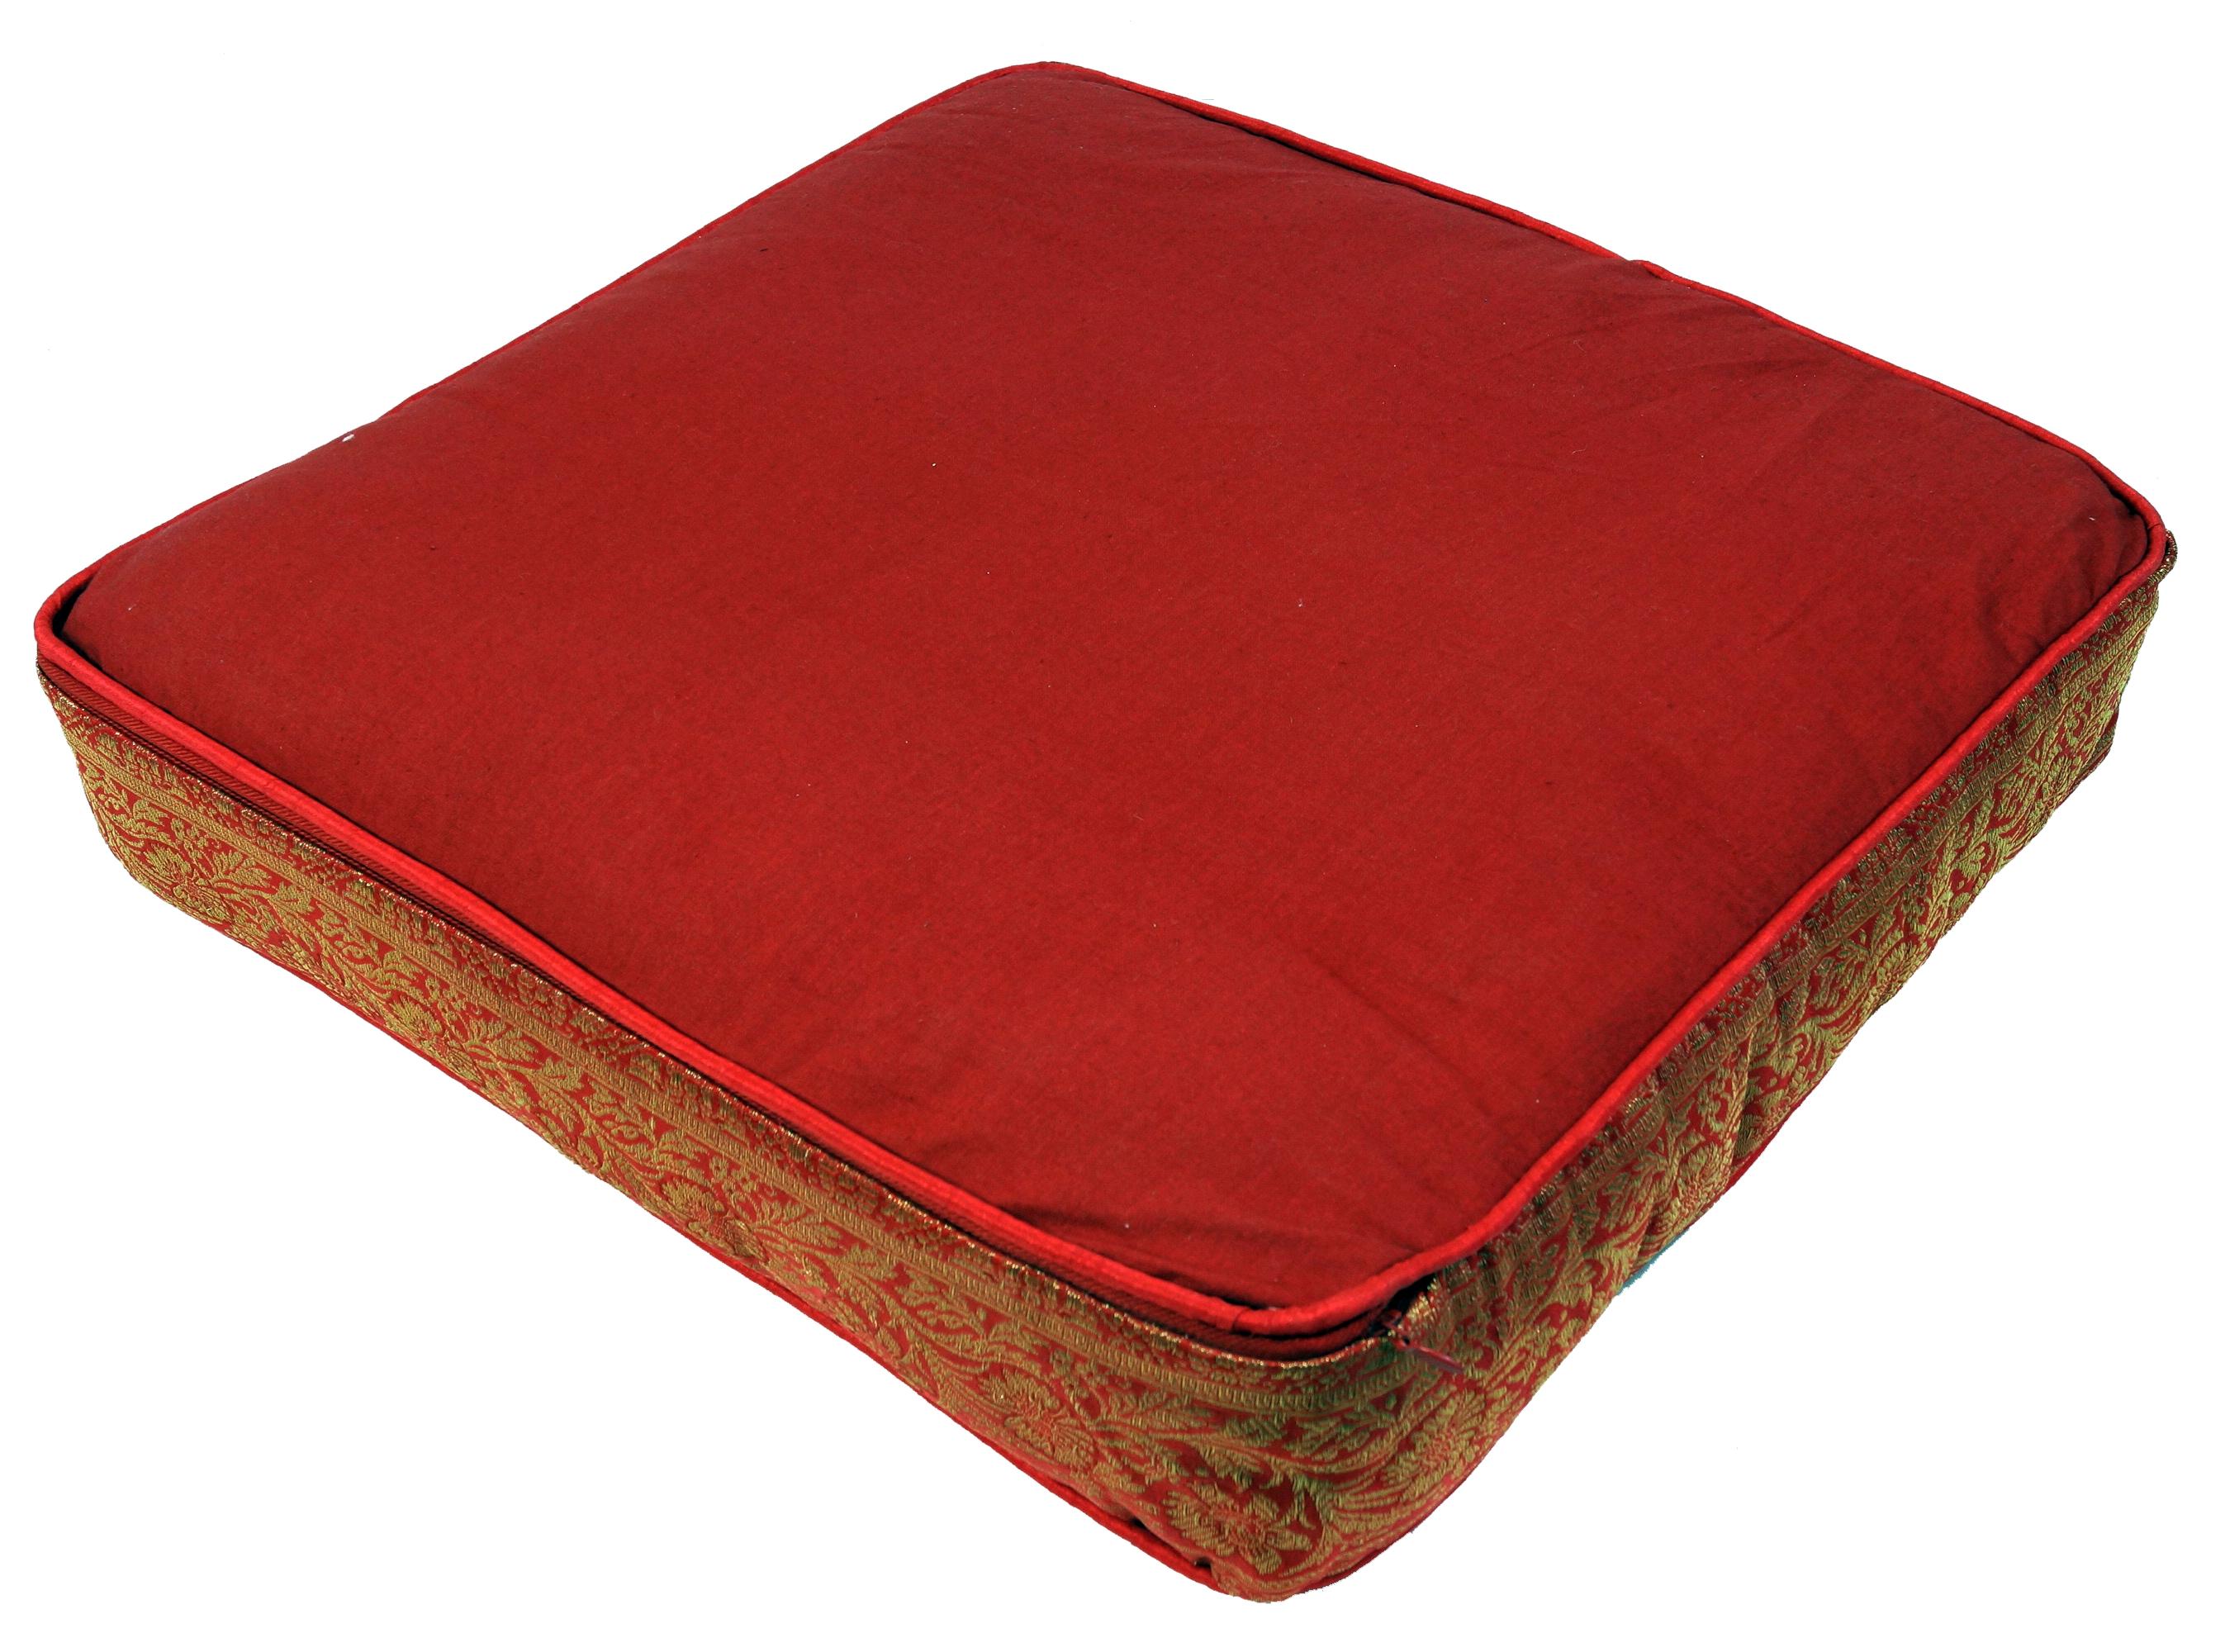 orientalisches eckiges patchwork kissen 40 cm sitzkissen bodenkissen mit baumwollf llung rot. Black Bedroom Furniture Sets. Home Design Ideas